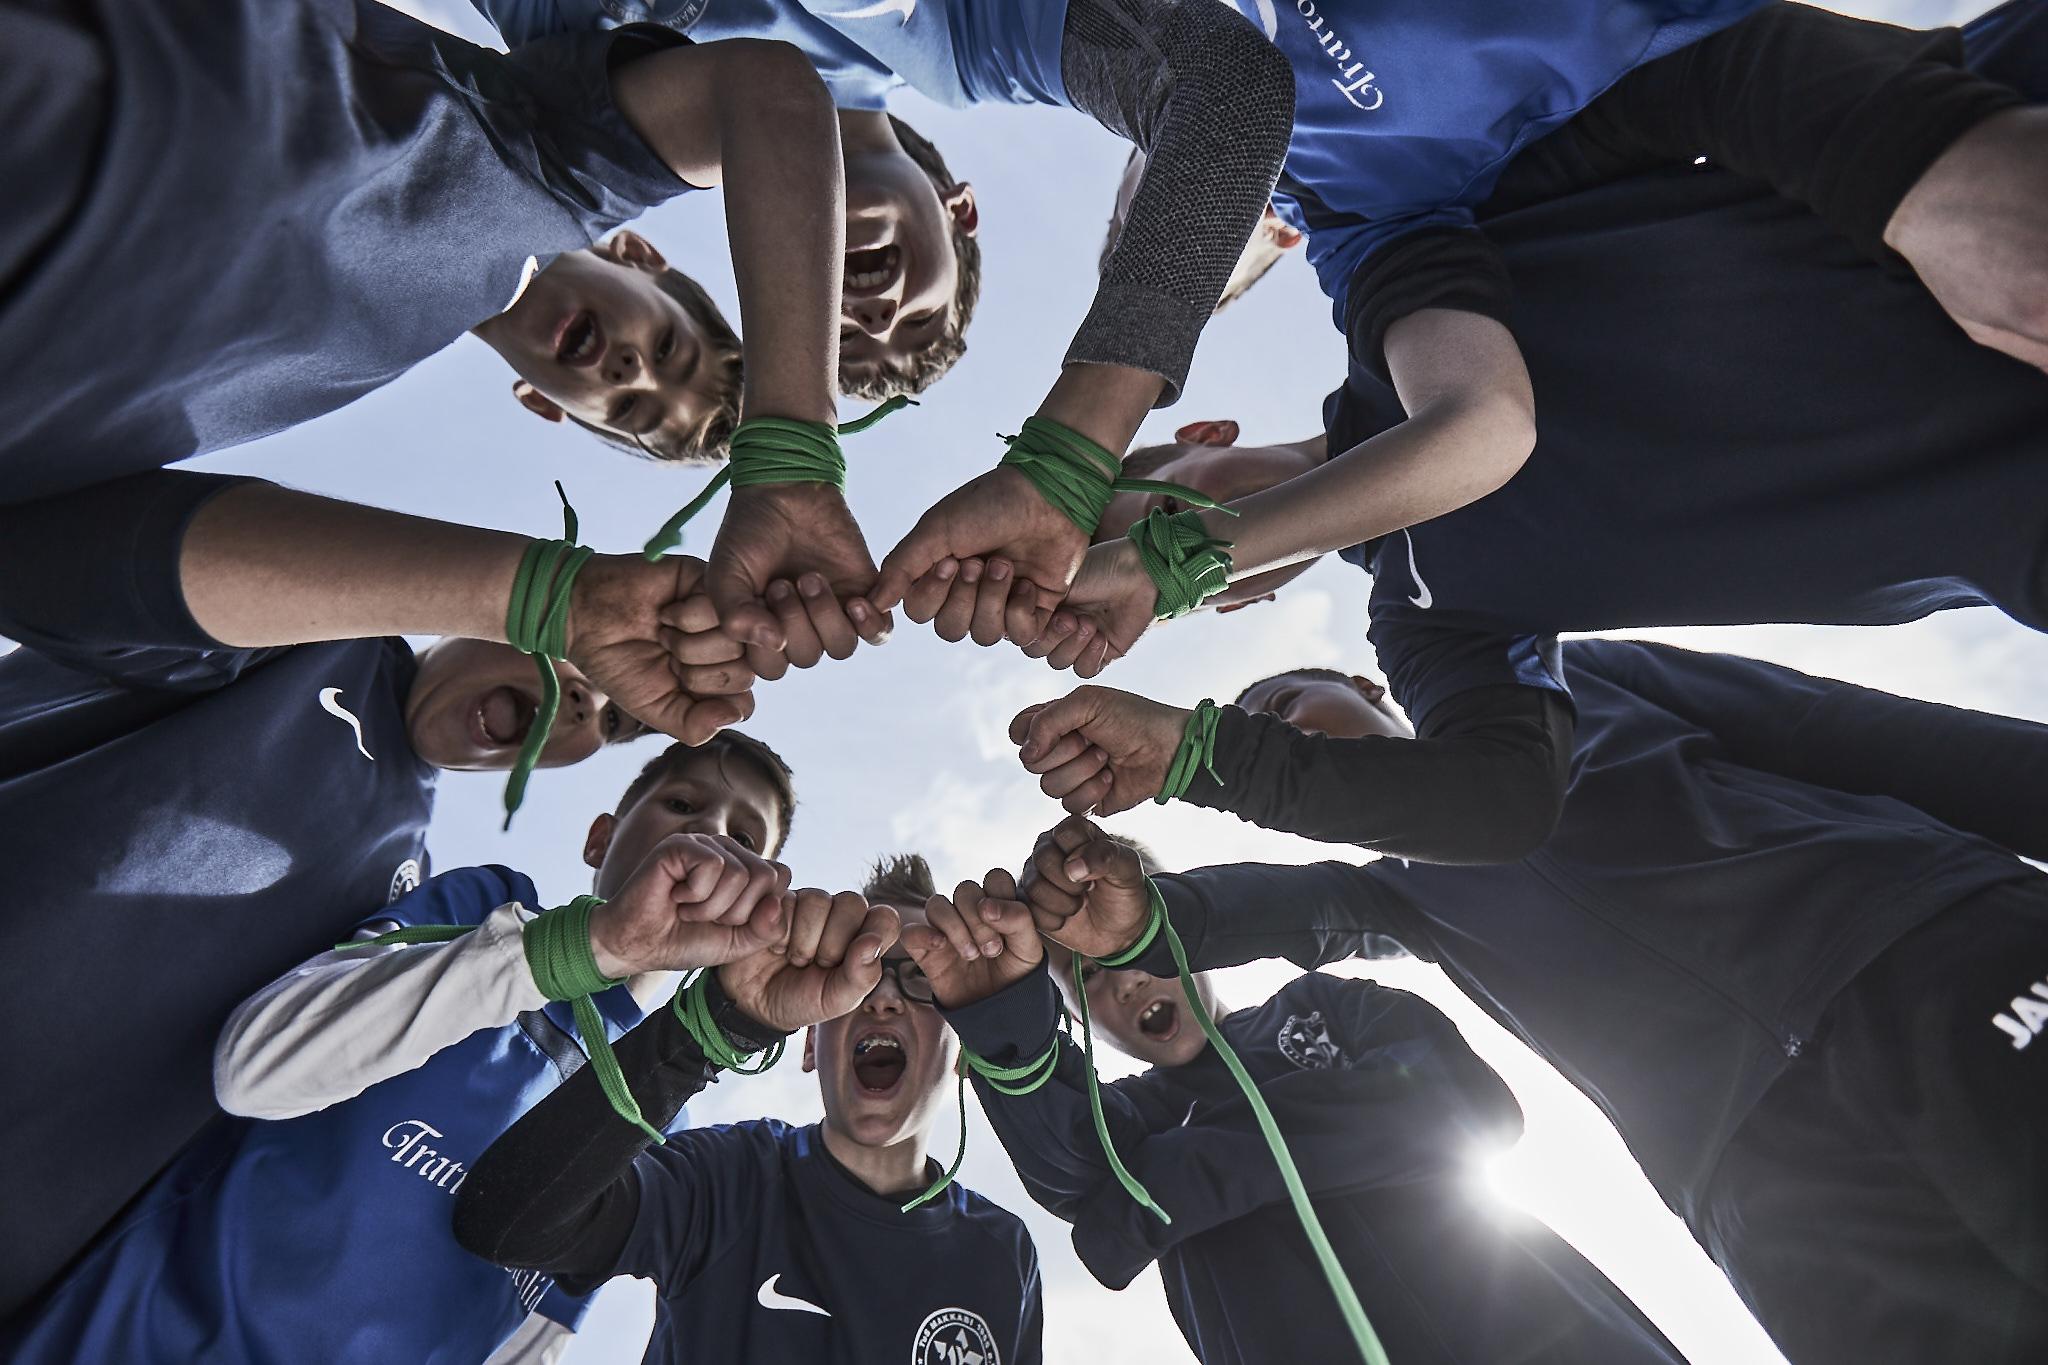 Zusammenhalt und Integration sind Leitideen des jüdischen Sportvereins Makkabi. Quelle: Makkabi.